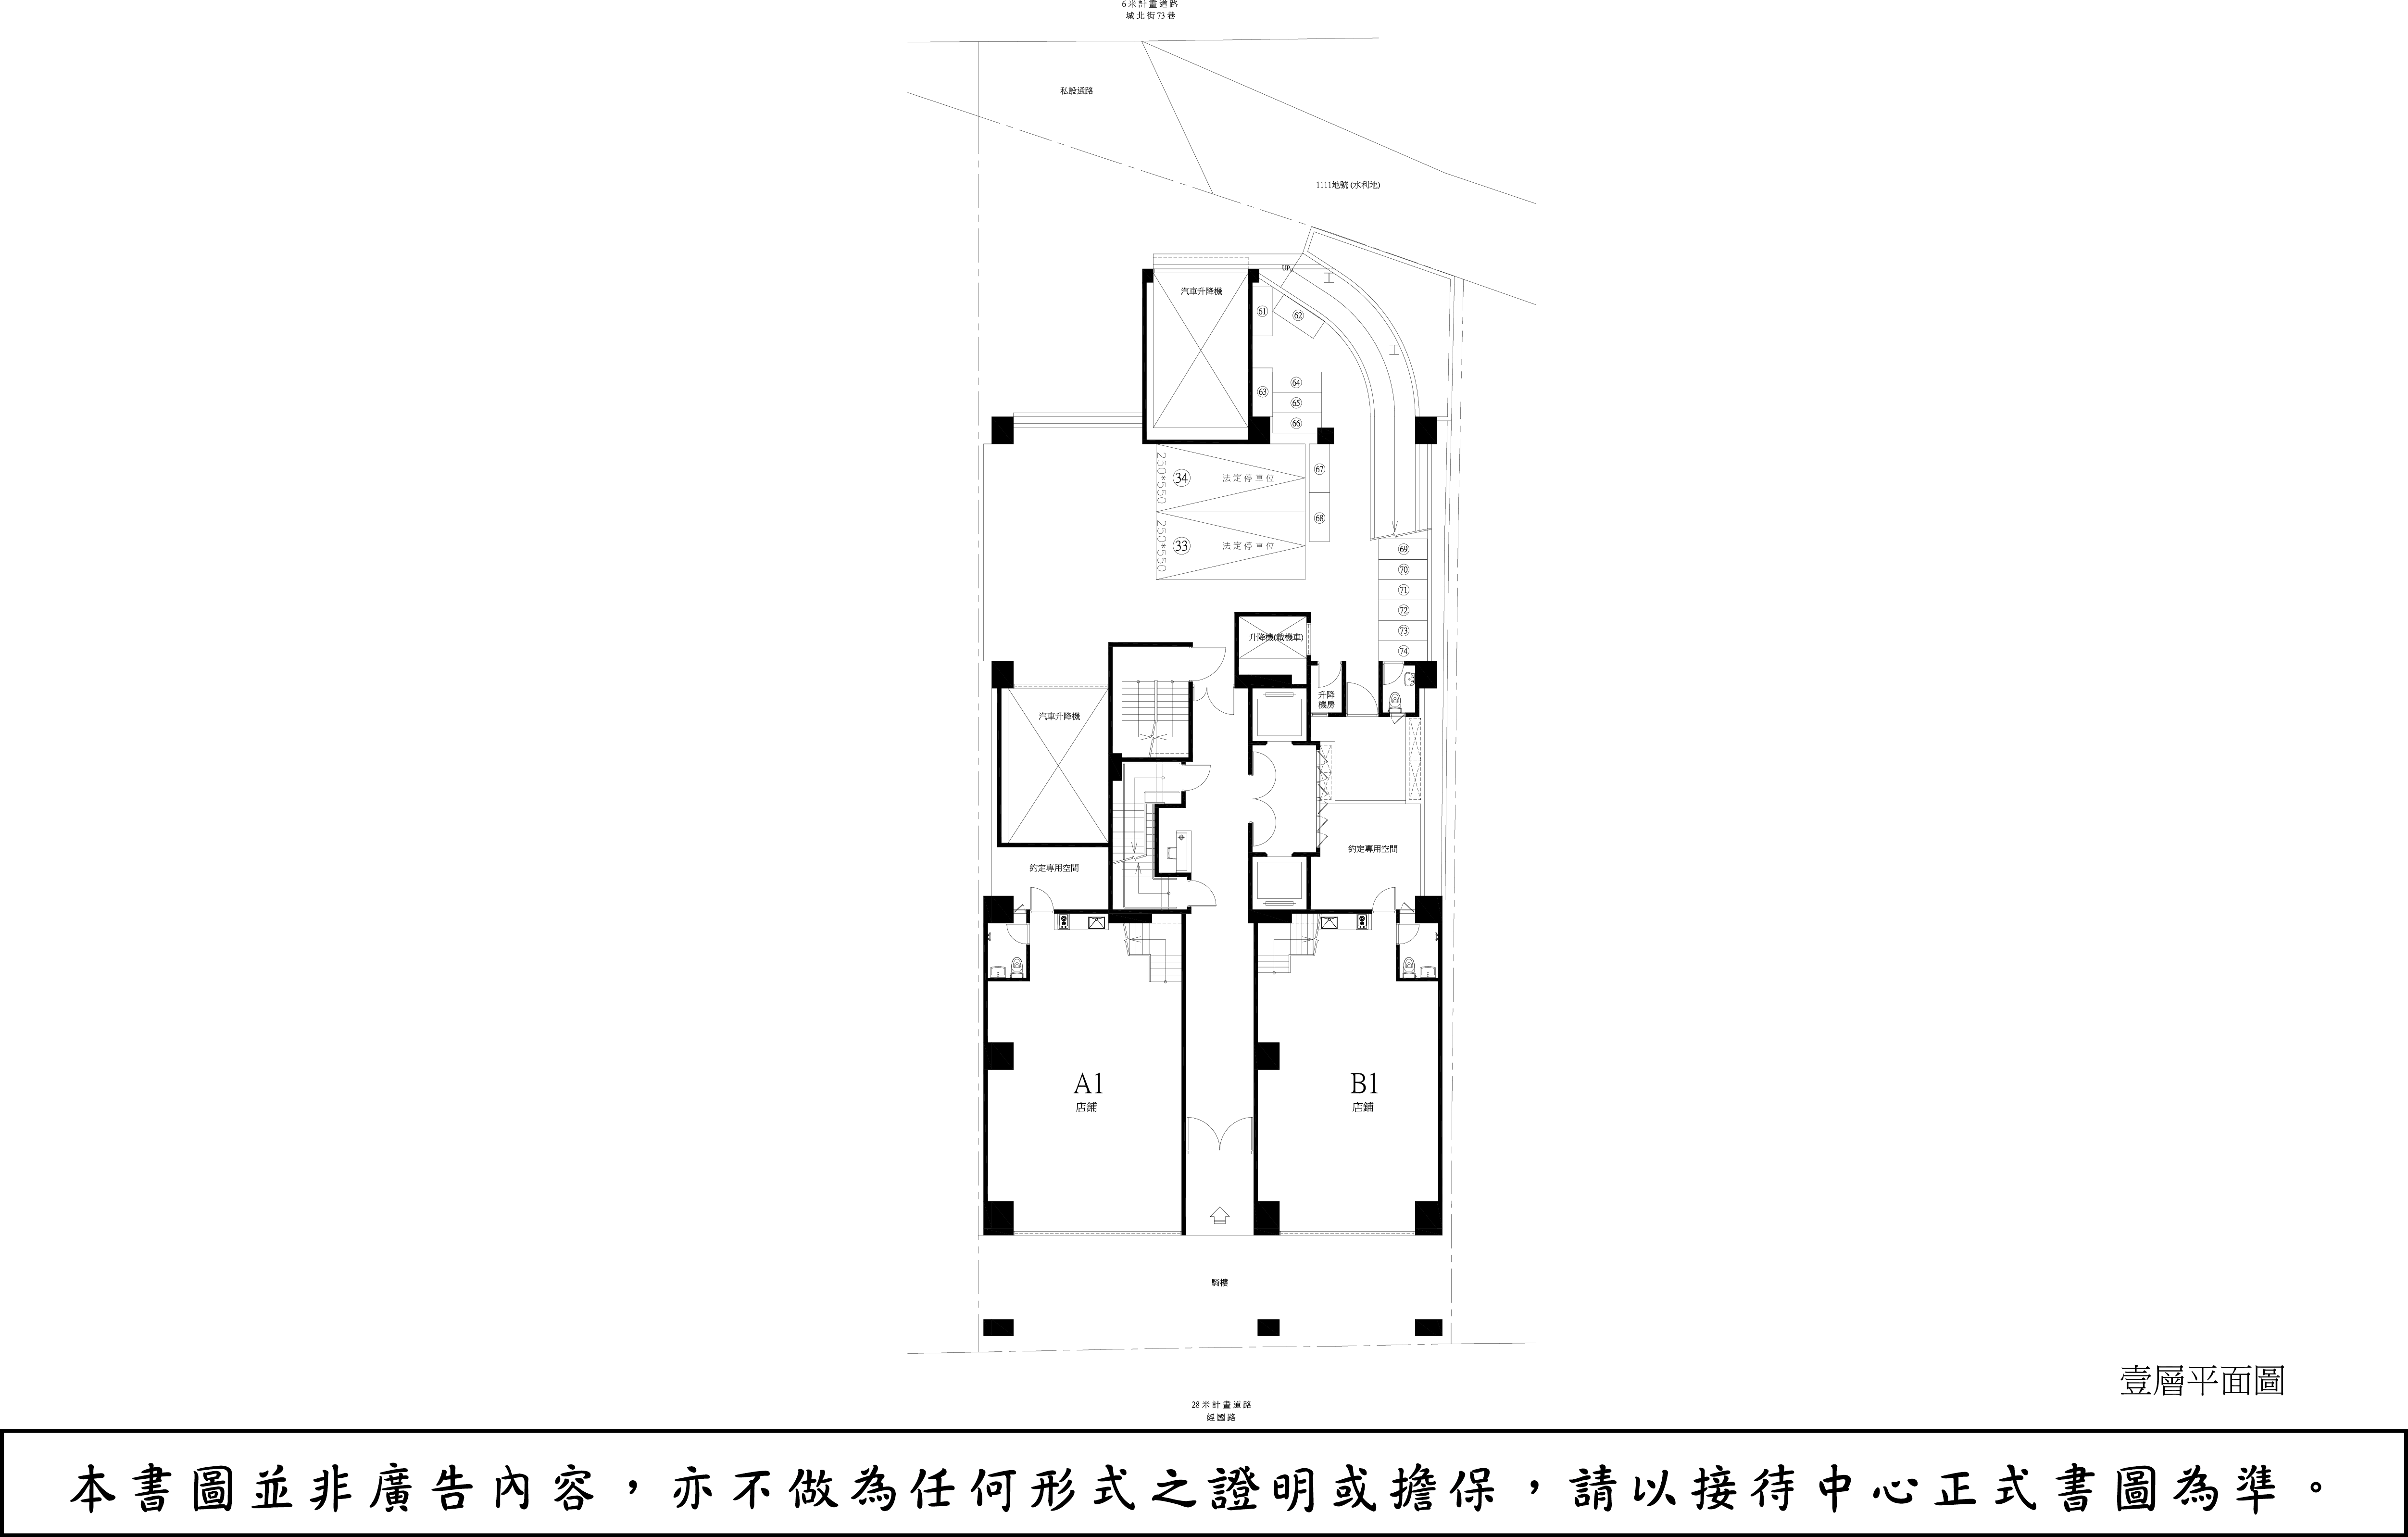 [新竹經國]欣榮建設-樂睦-大樓20180427-1.png